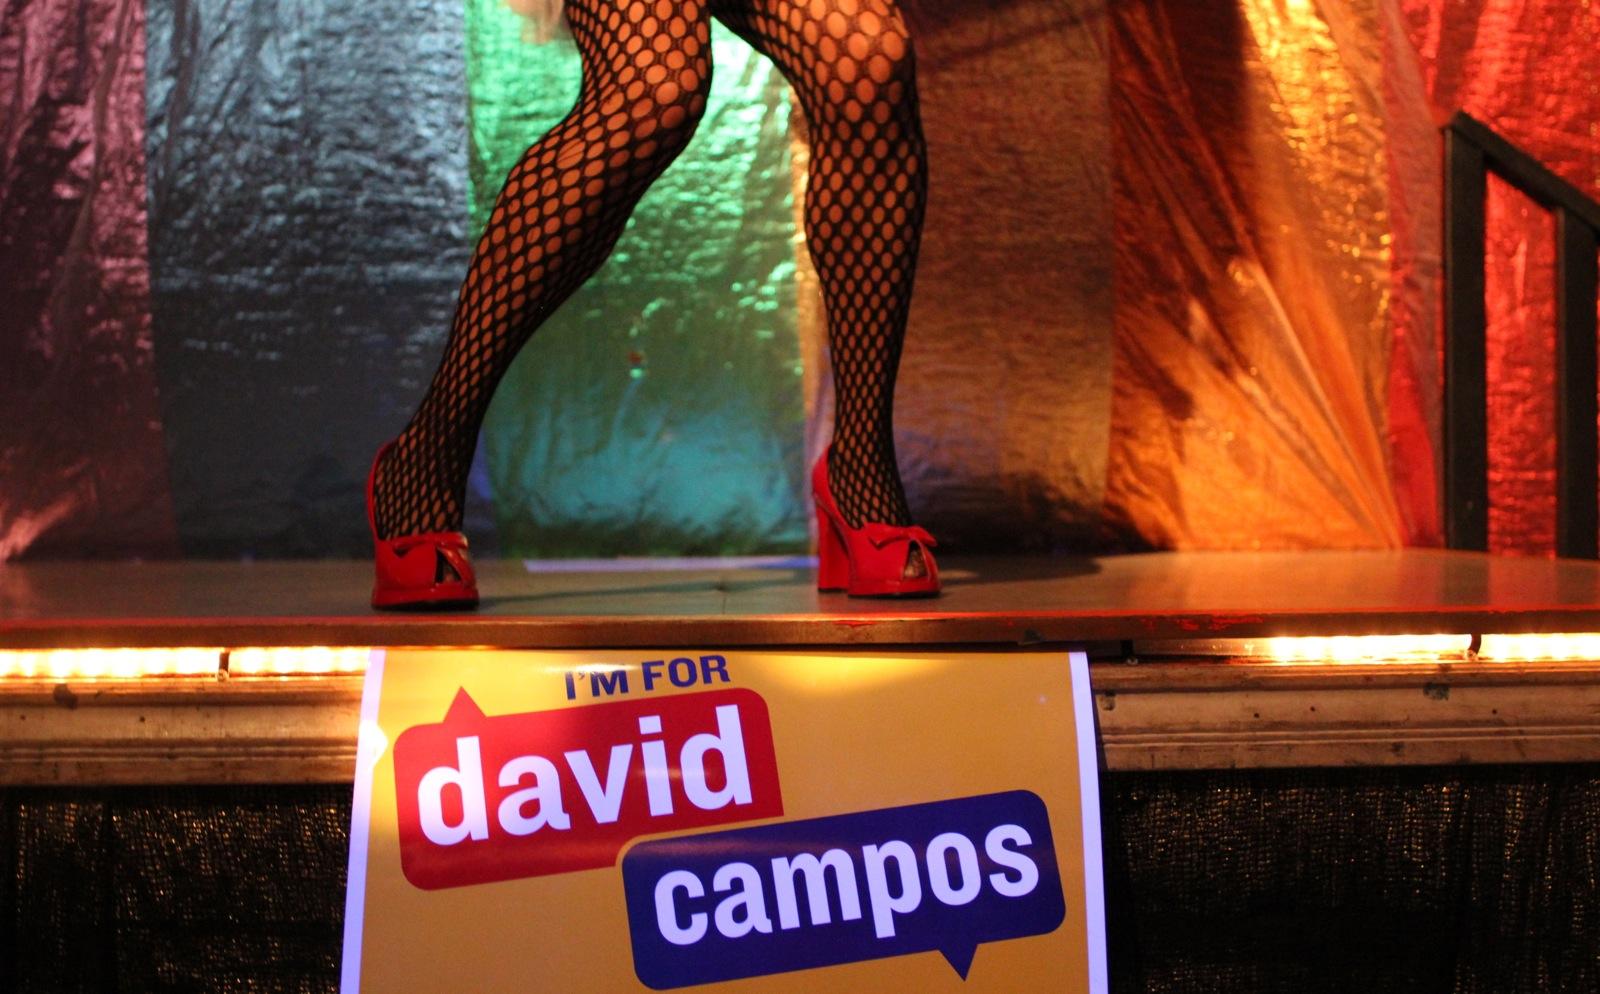 Hallo-Queen With David Campos